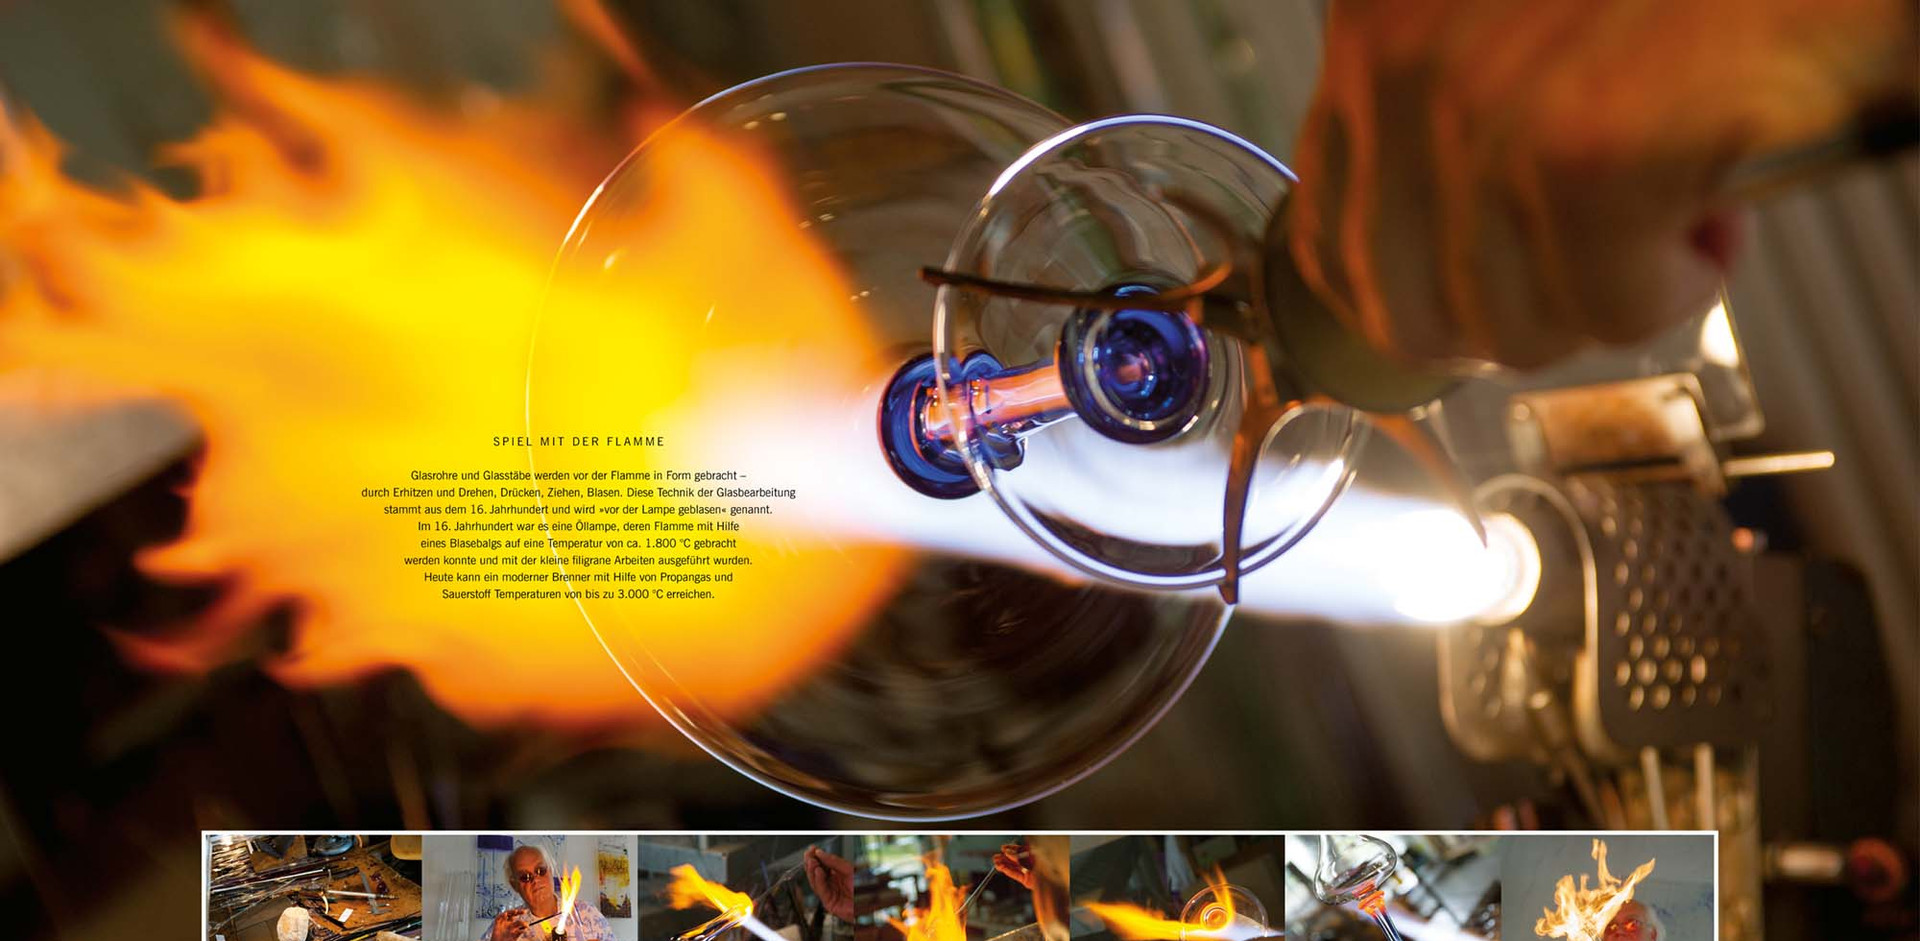 Spiel mit der Flamme